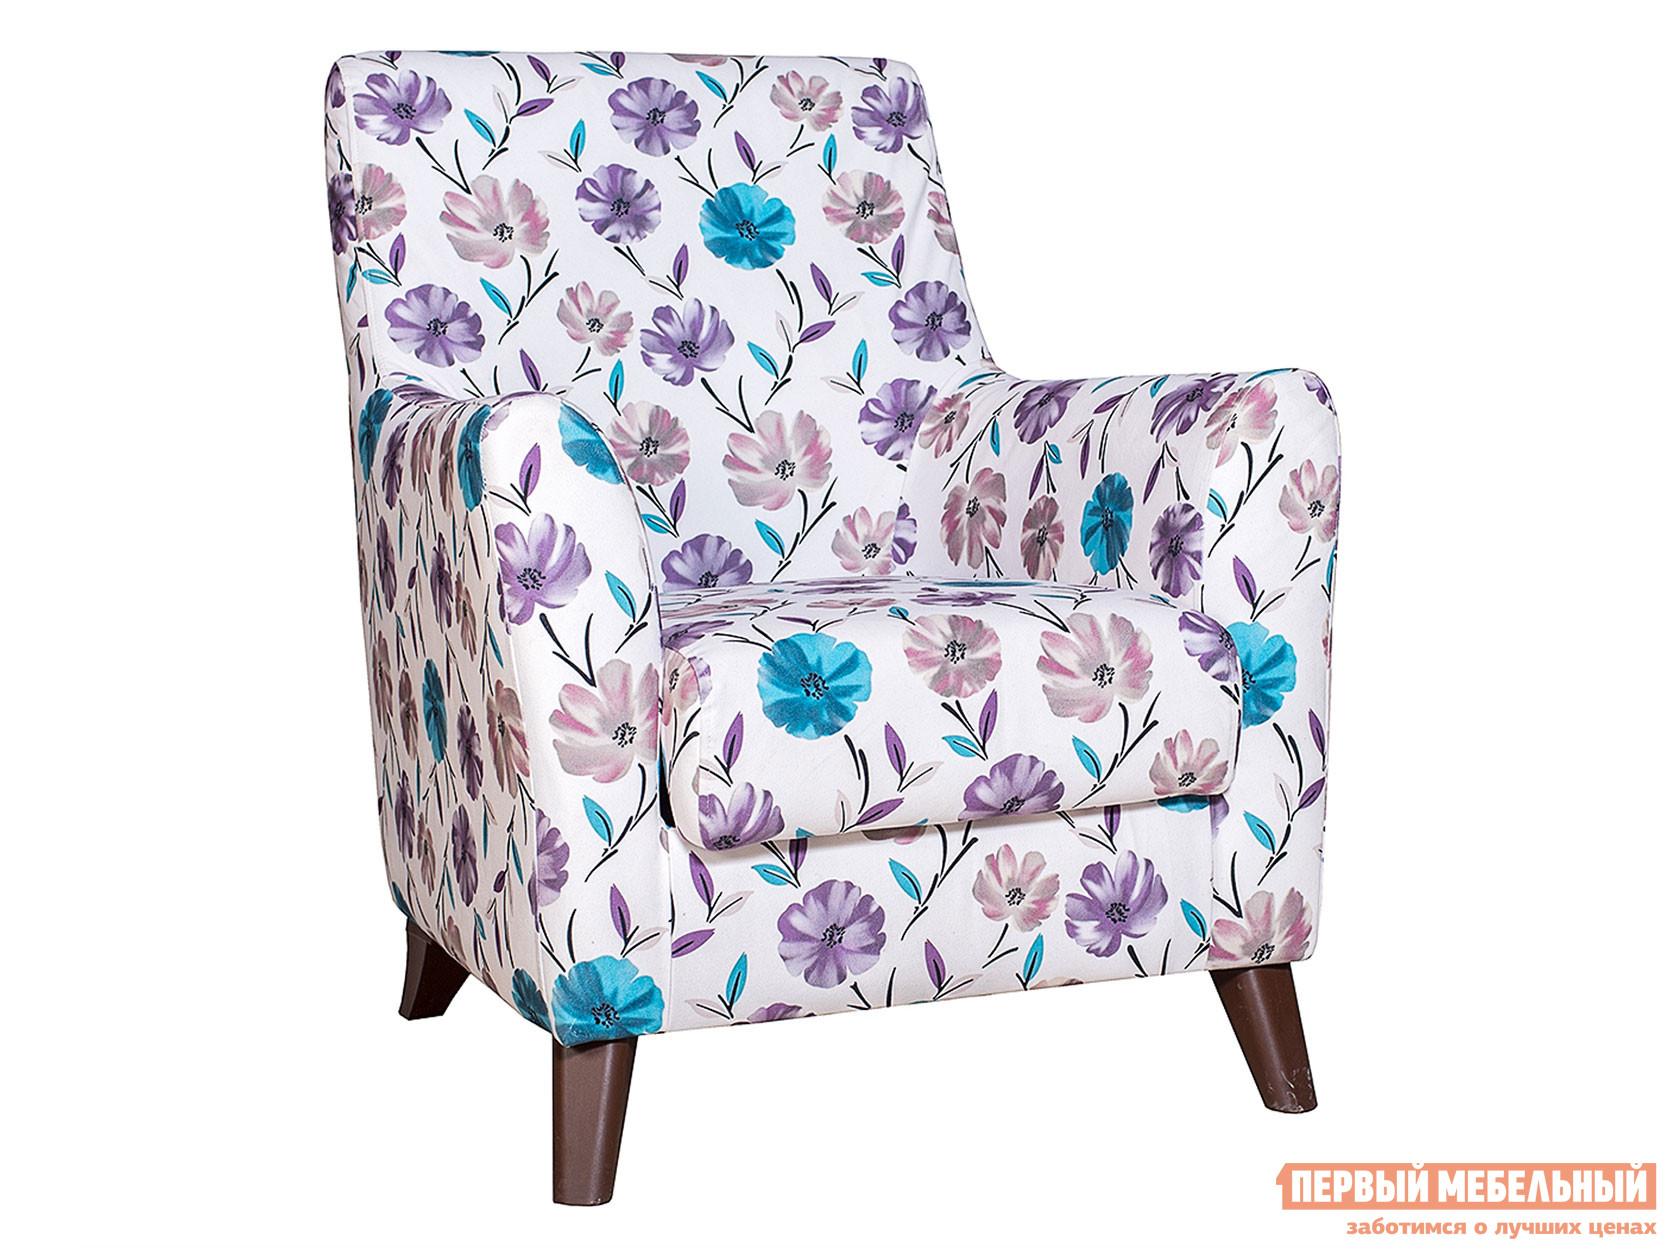 Кресло Либерти Вьюнки 207, велюр фото